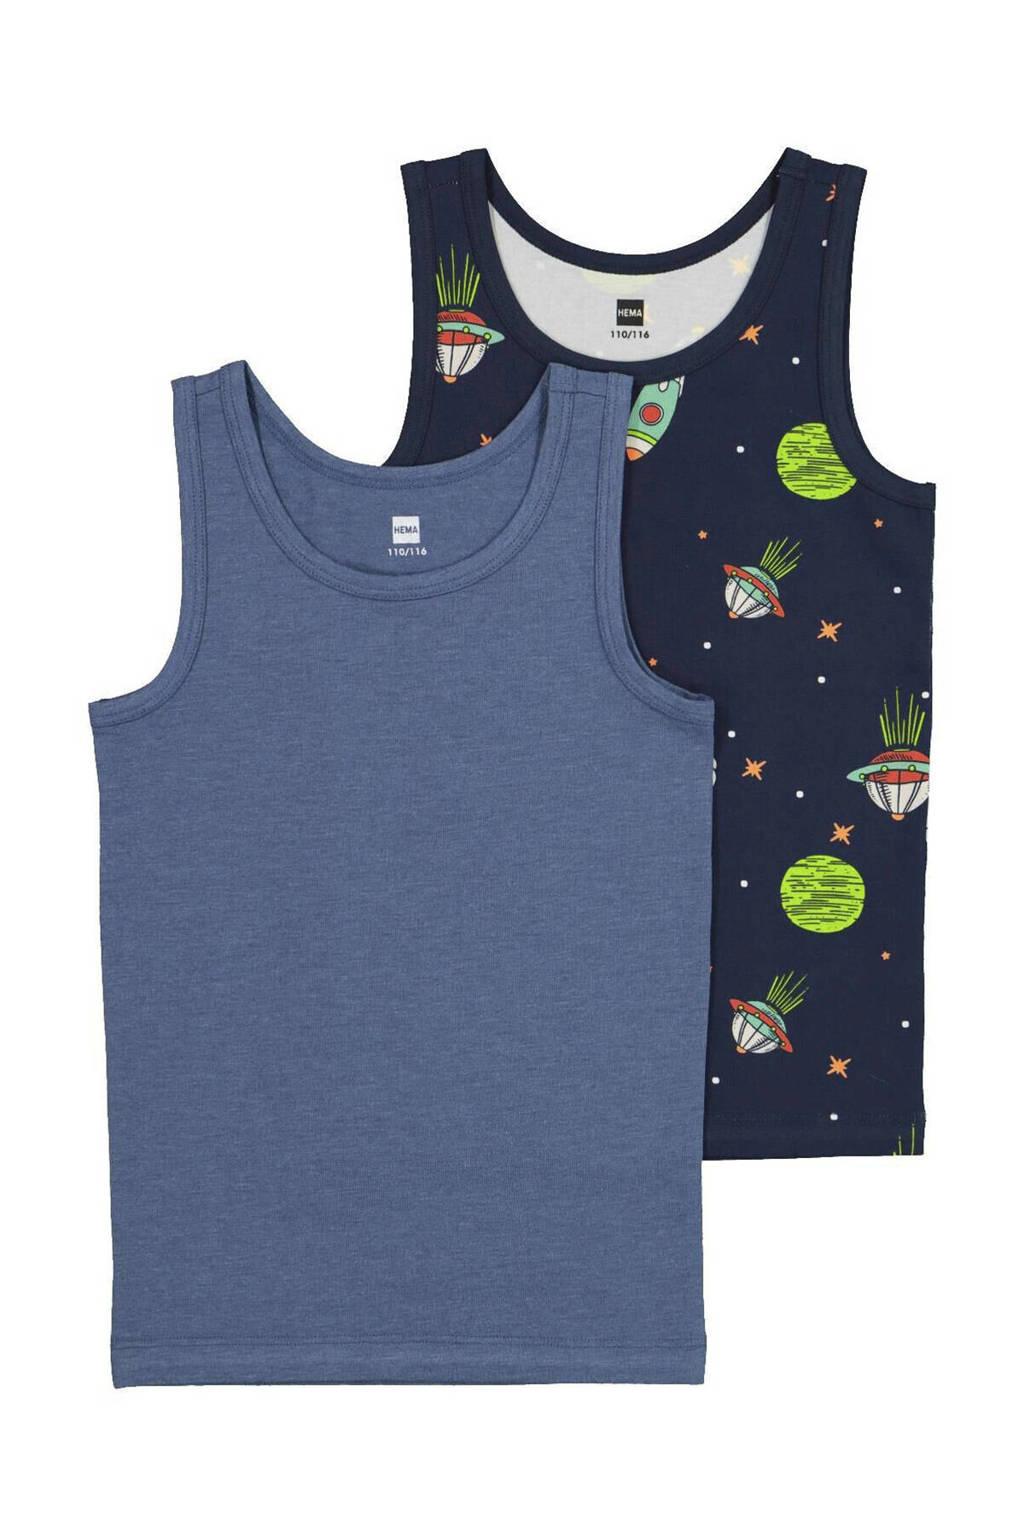 HEMA hemd - set van 2 space blauw, Blauw